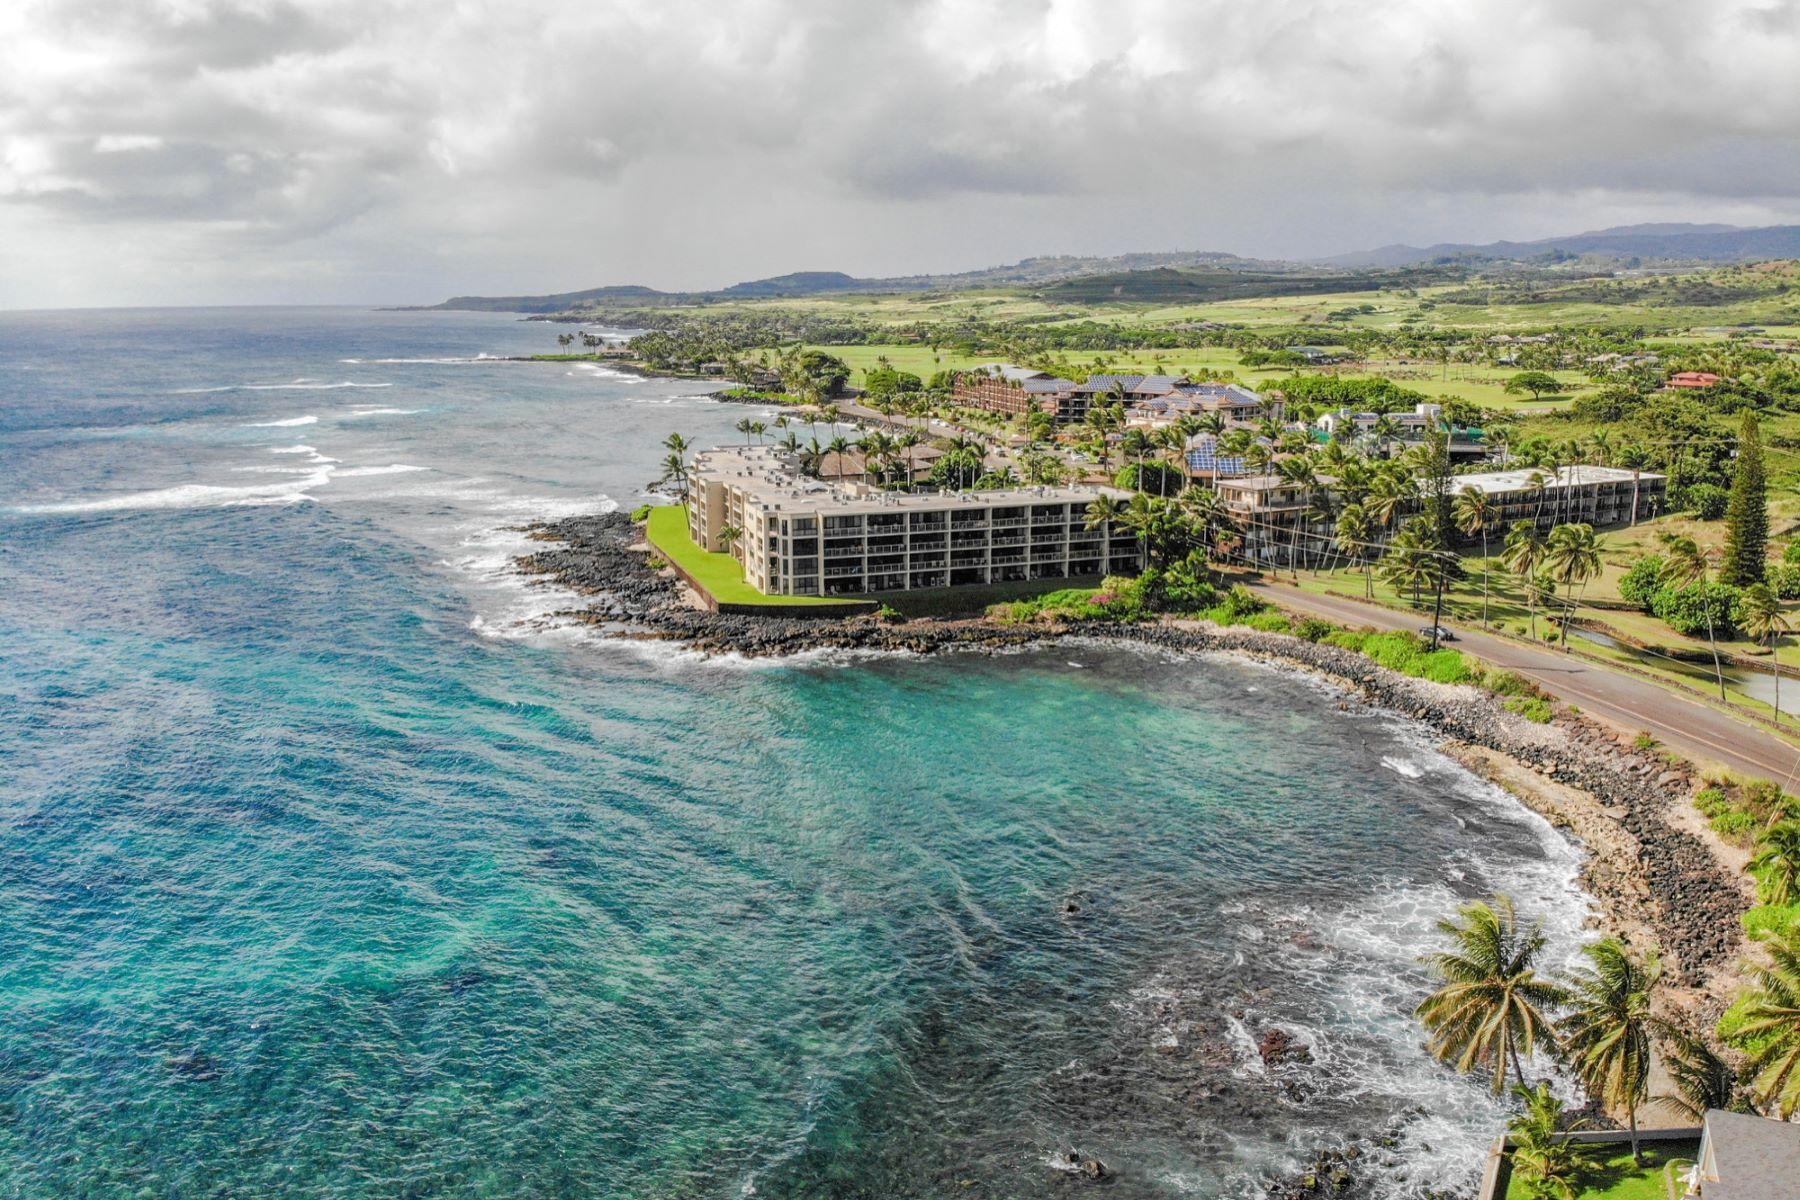 Condominiums for Sale at 5050 LAWAI RD #101 KOLOA, HI 96756 5050 LAWAI RD #101 Koloa, Hawaii 96756 United States